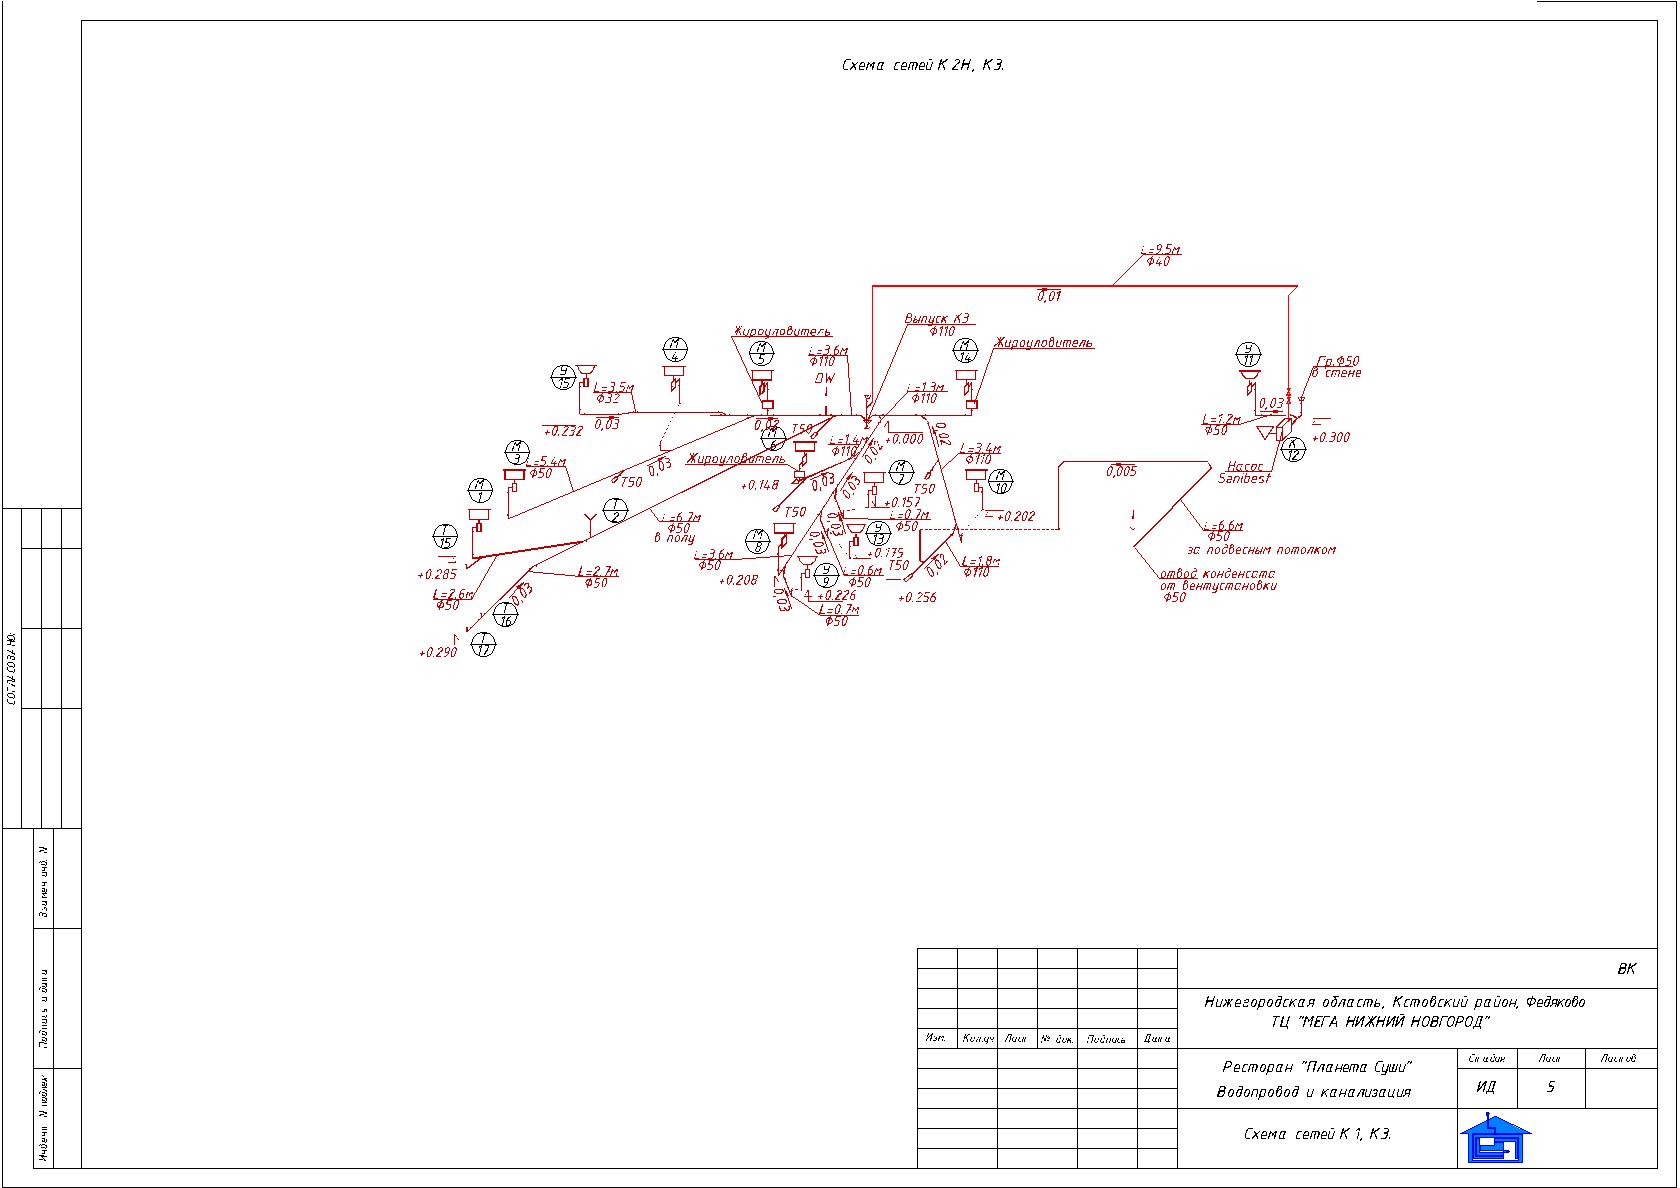 Схема канализации в 2-х этажном доме